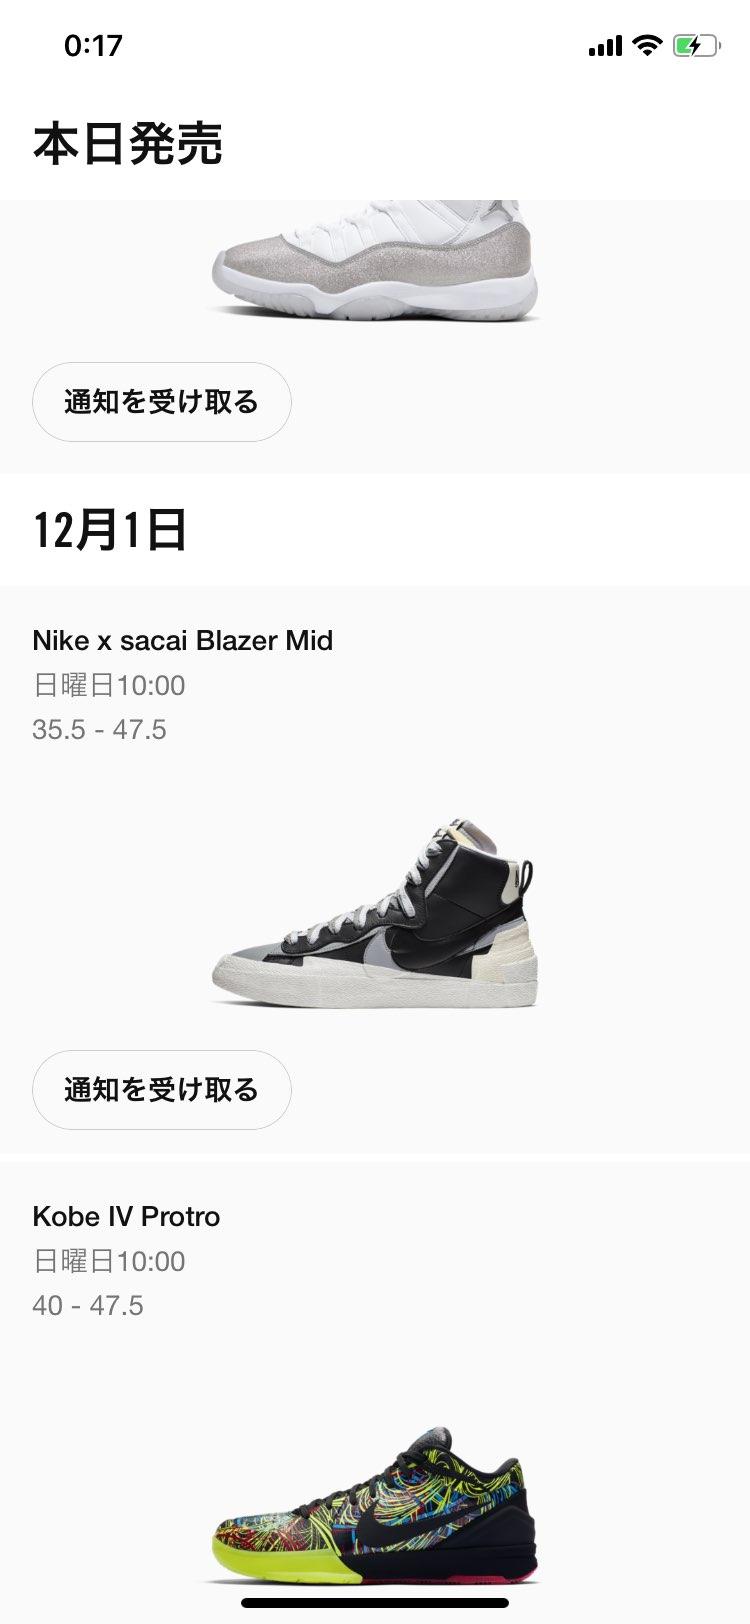 中国でSakai販売されるのかな?